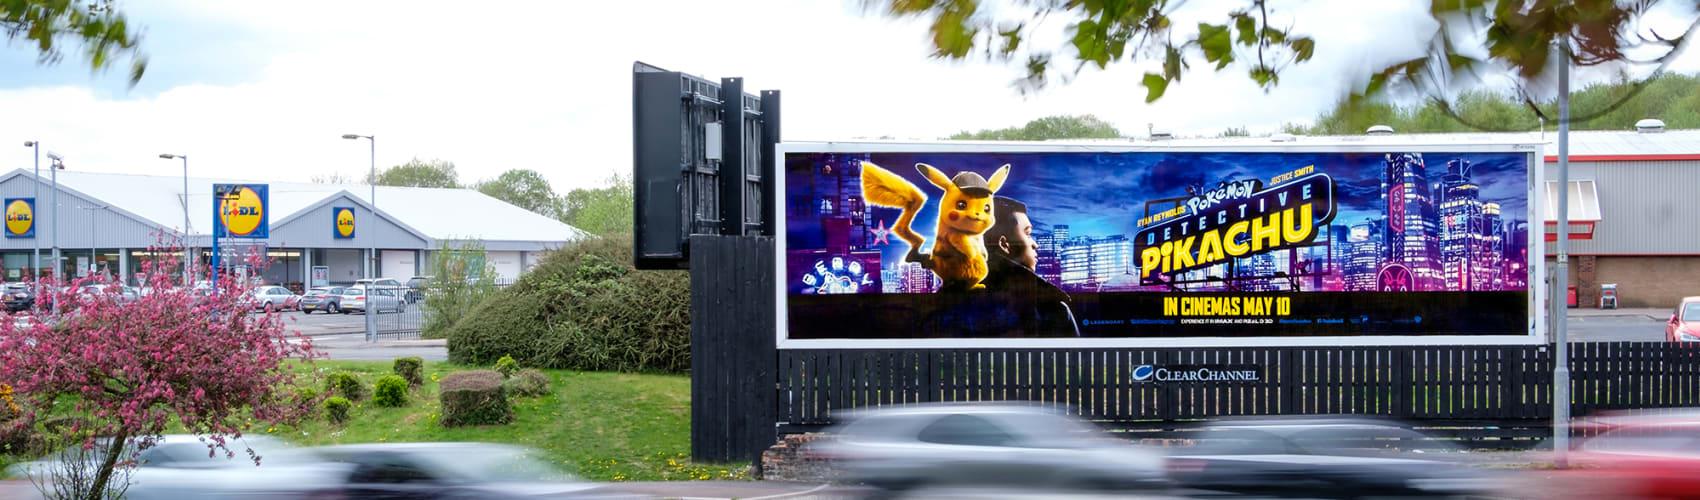 96-sheet billboard by a busy road